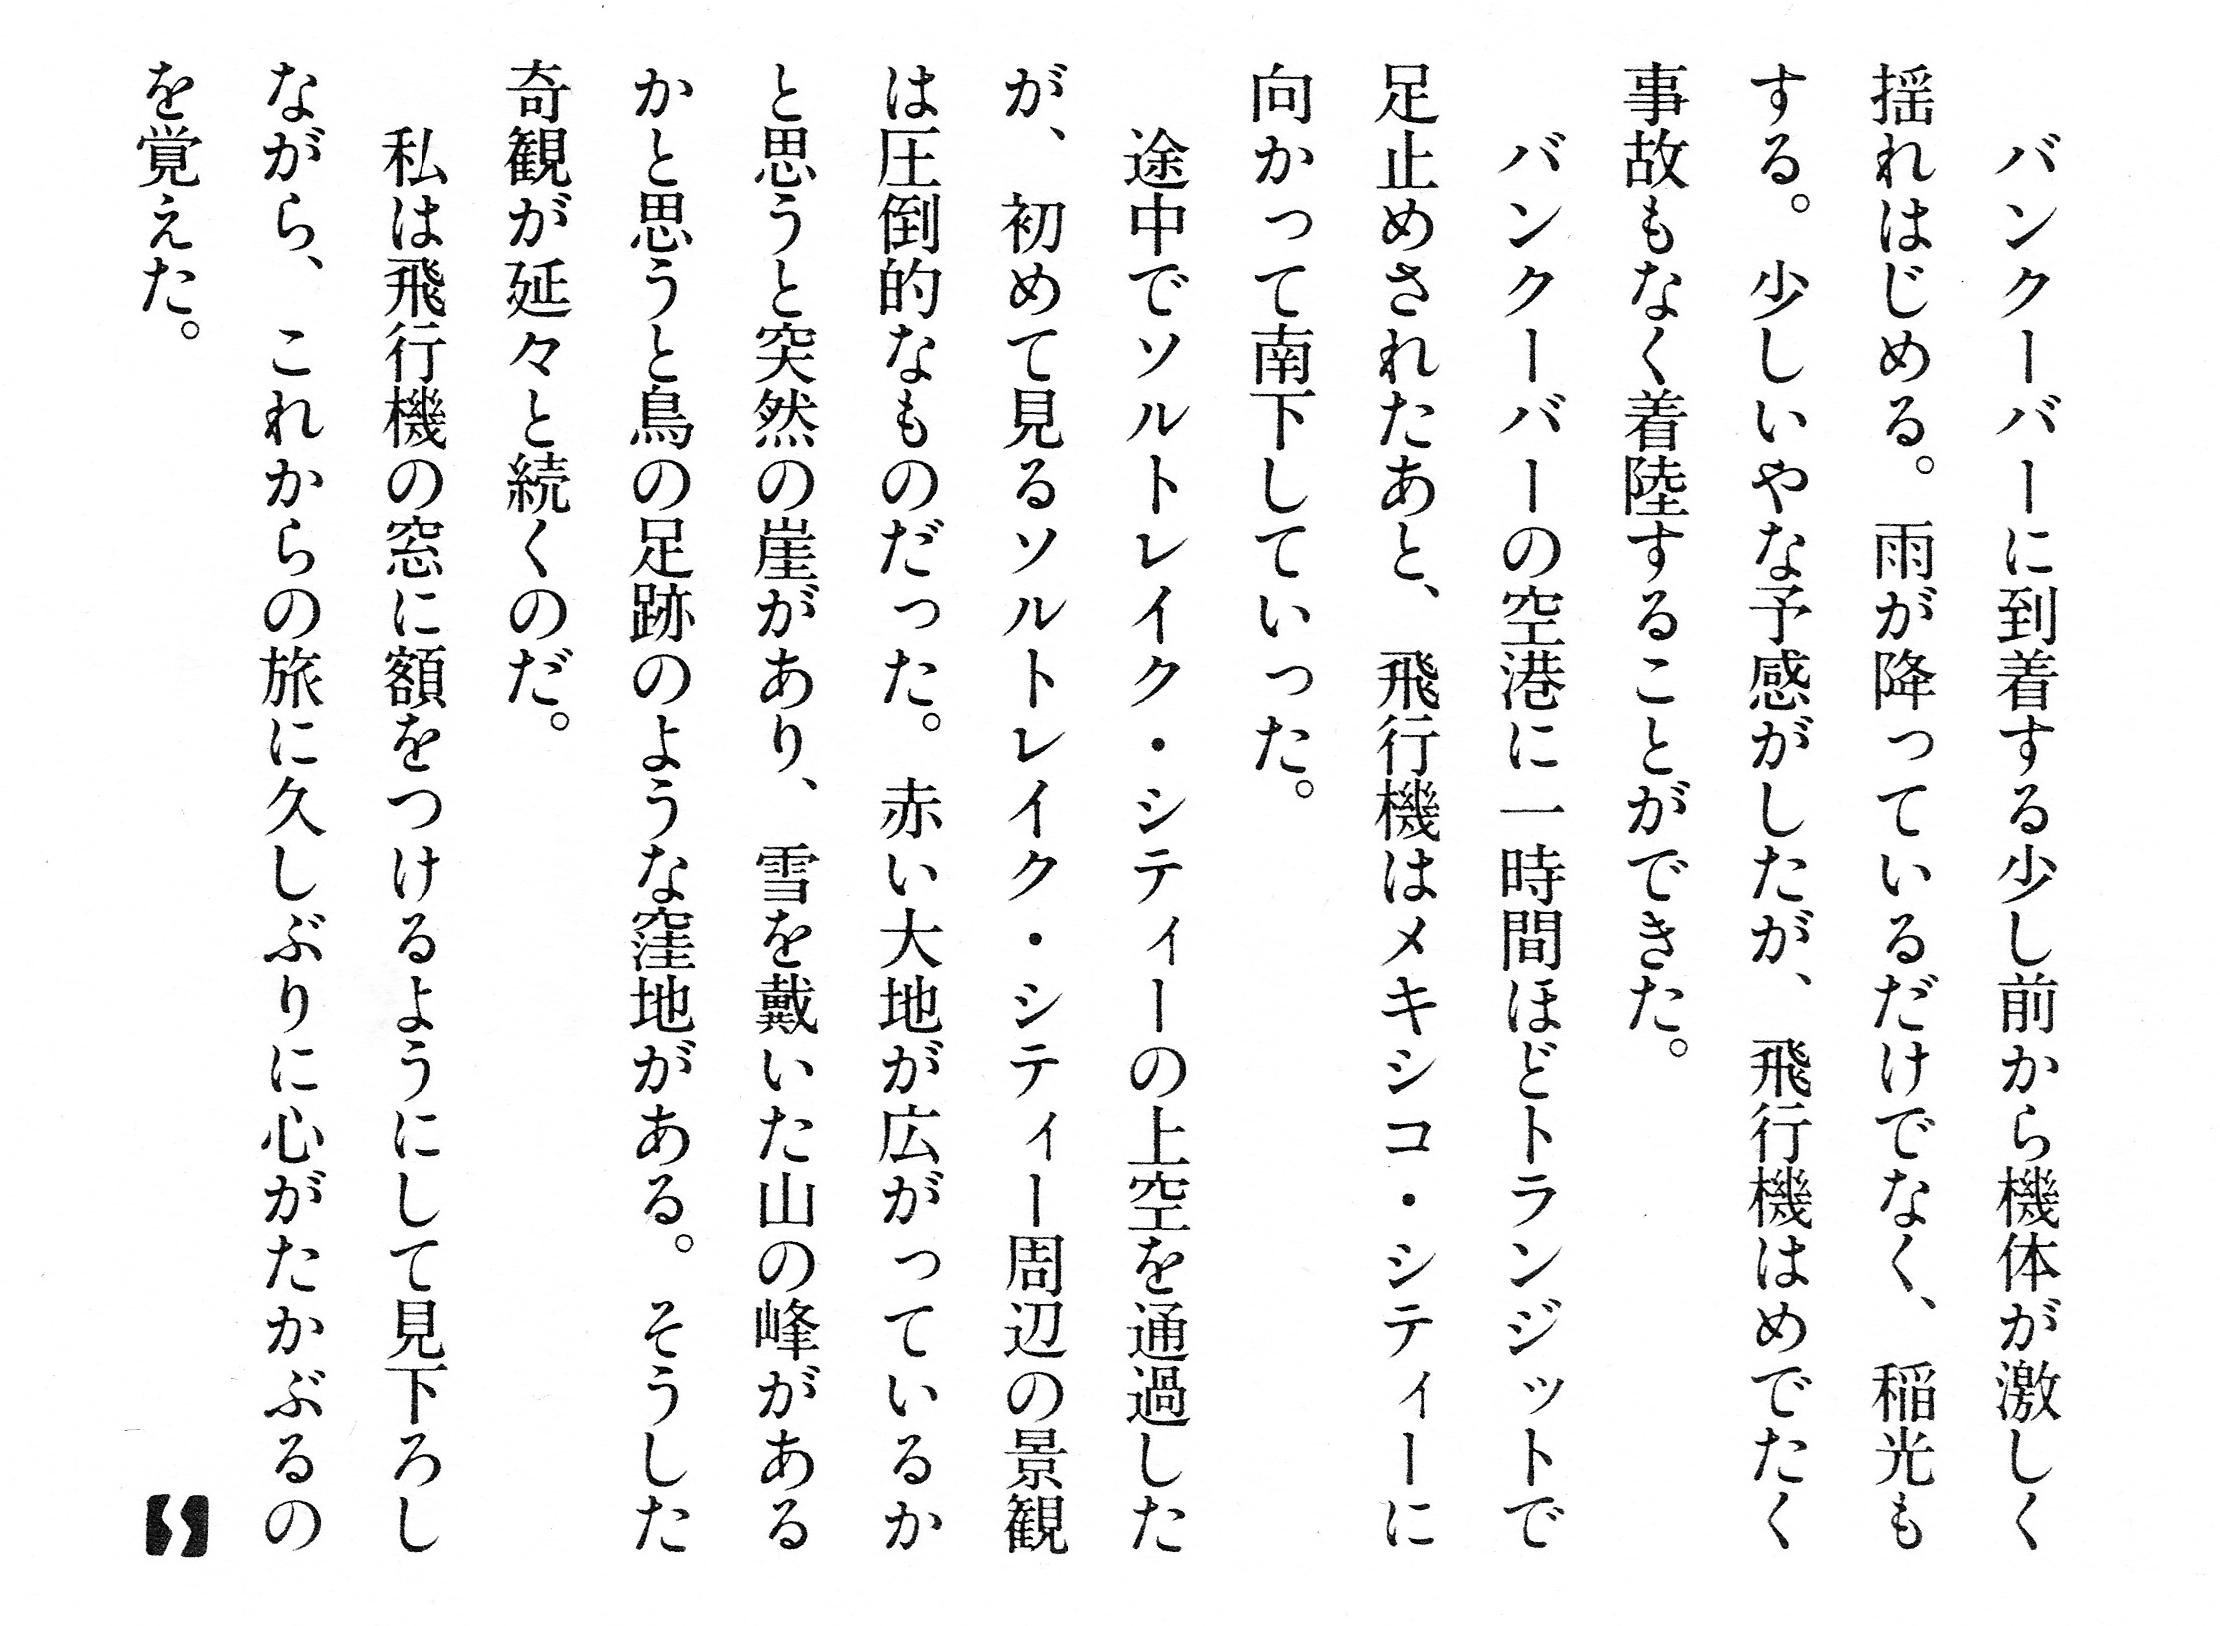 8_Switch_1993_sawaki.jpg